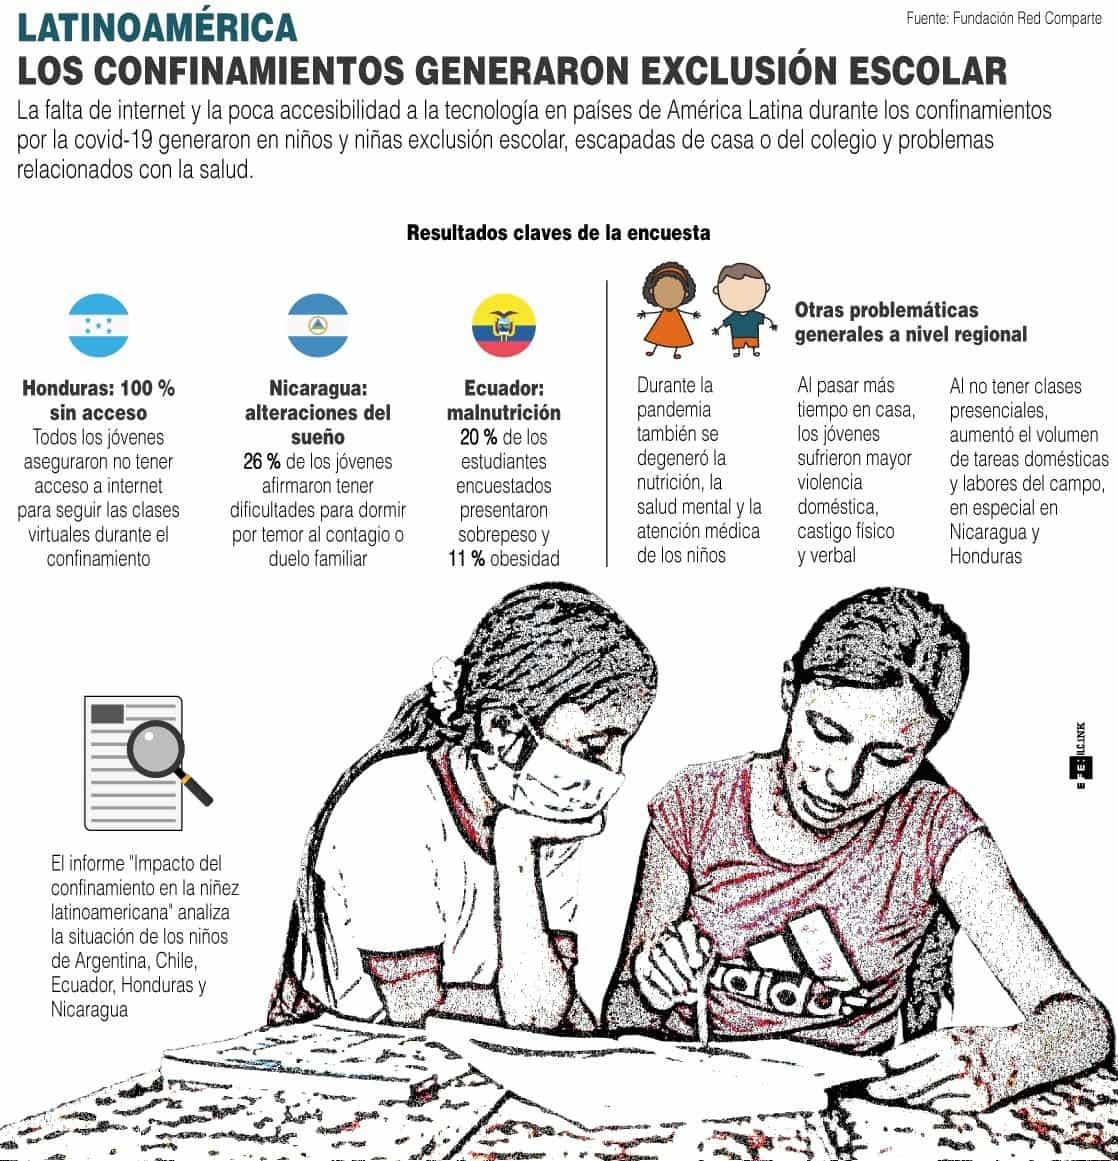 [Infografía] Los confinamientos en Latinoamérica por COVID-19 generan exclusión escolar 1